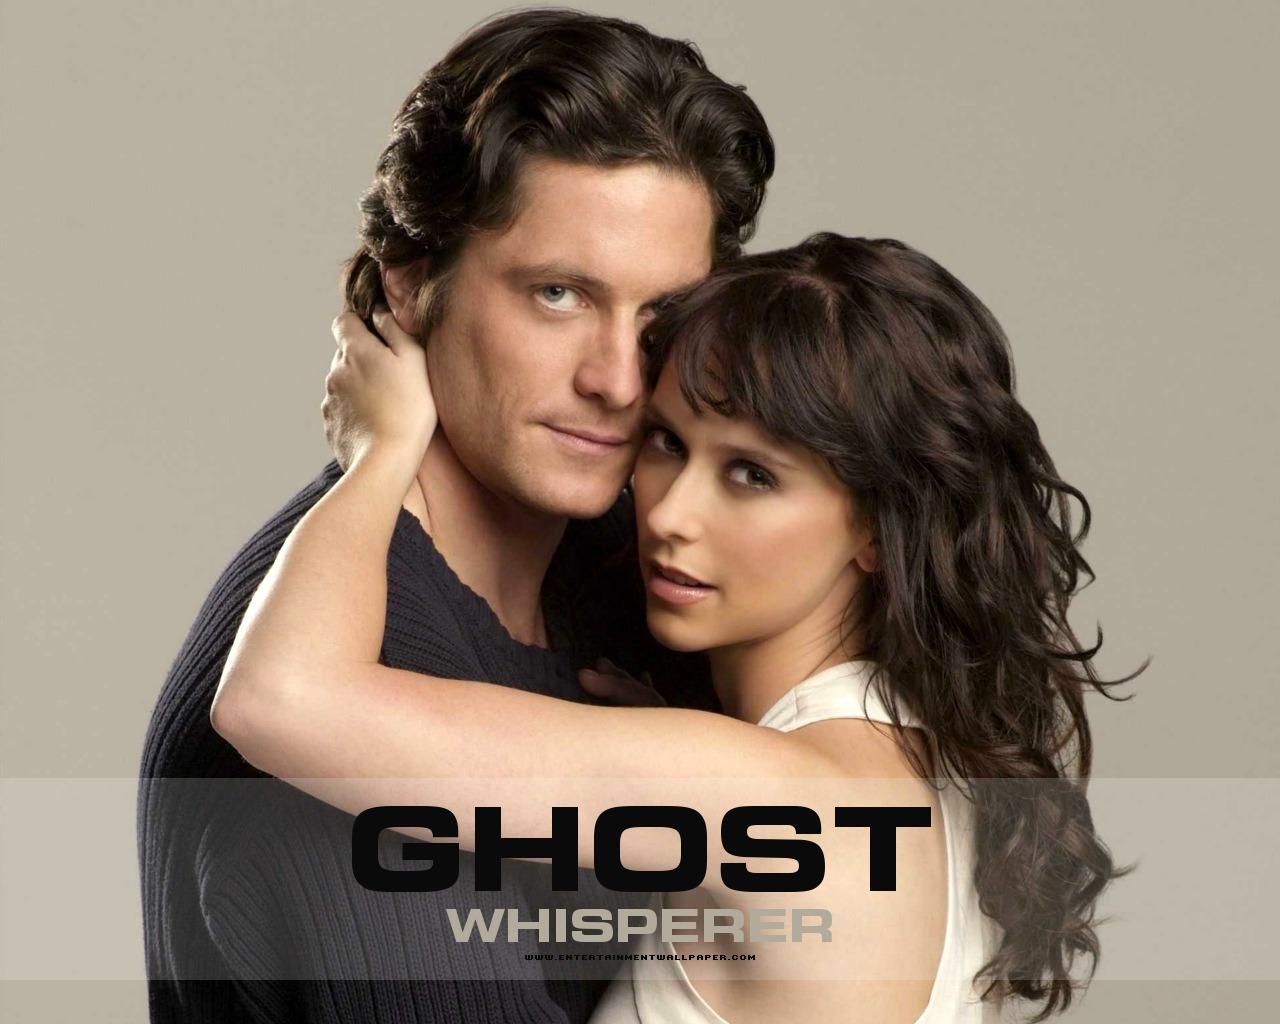 http://1.bp.blogspot.com/_4UC-O0M8AAc/S_7a9A2cjhI/AAAAAAAAA6M/wOfrmxFjEqE/s1600/tv_ghost_whisperer03.jpg